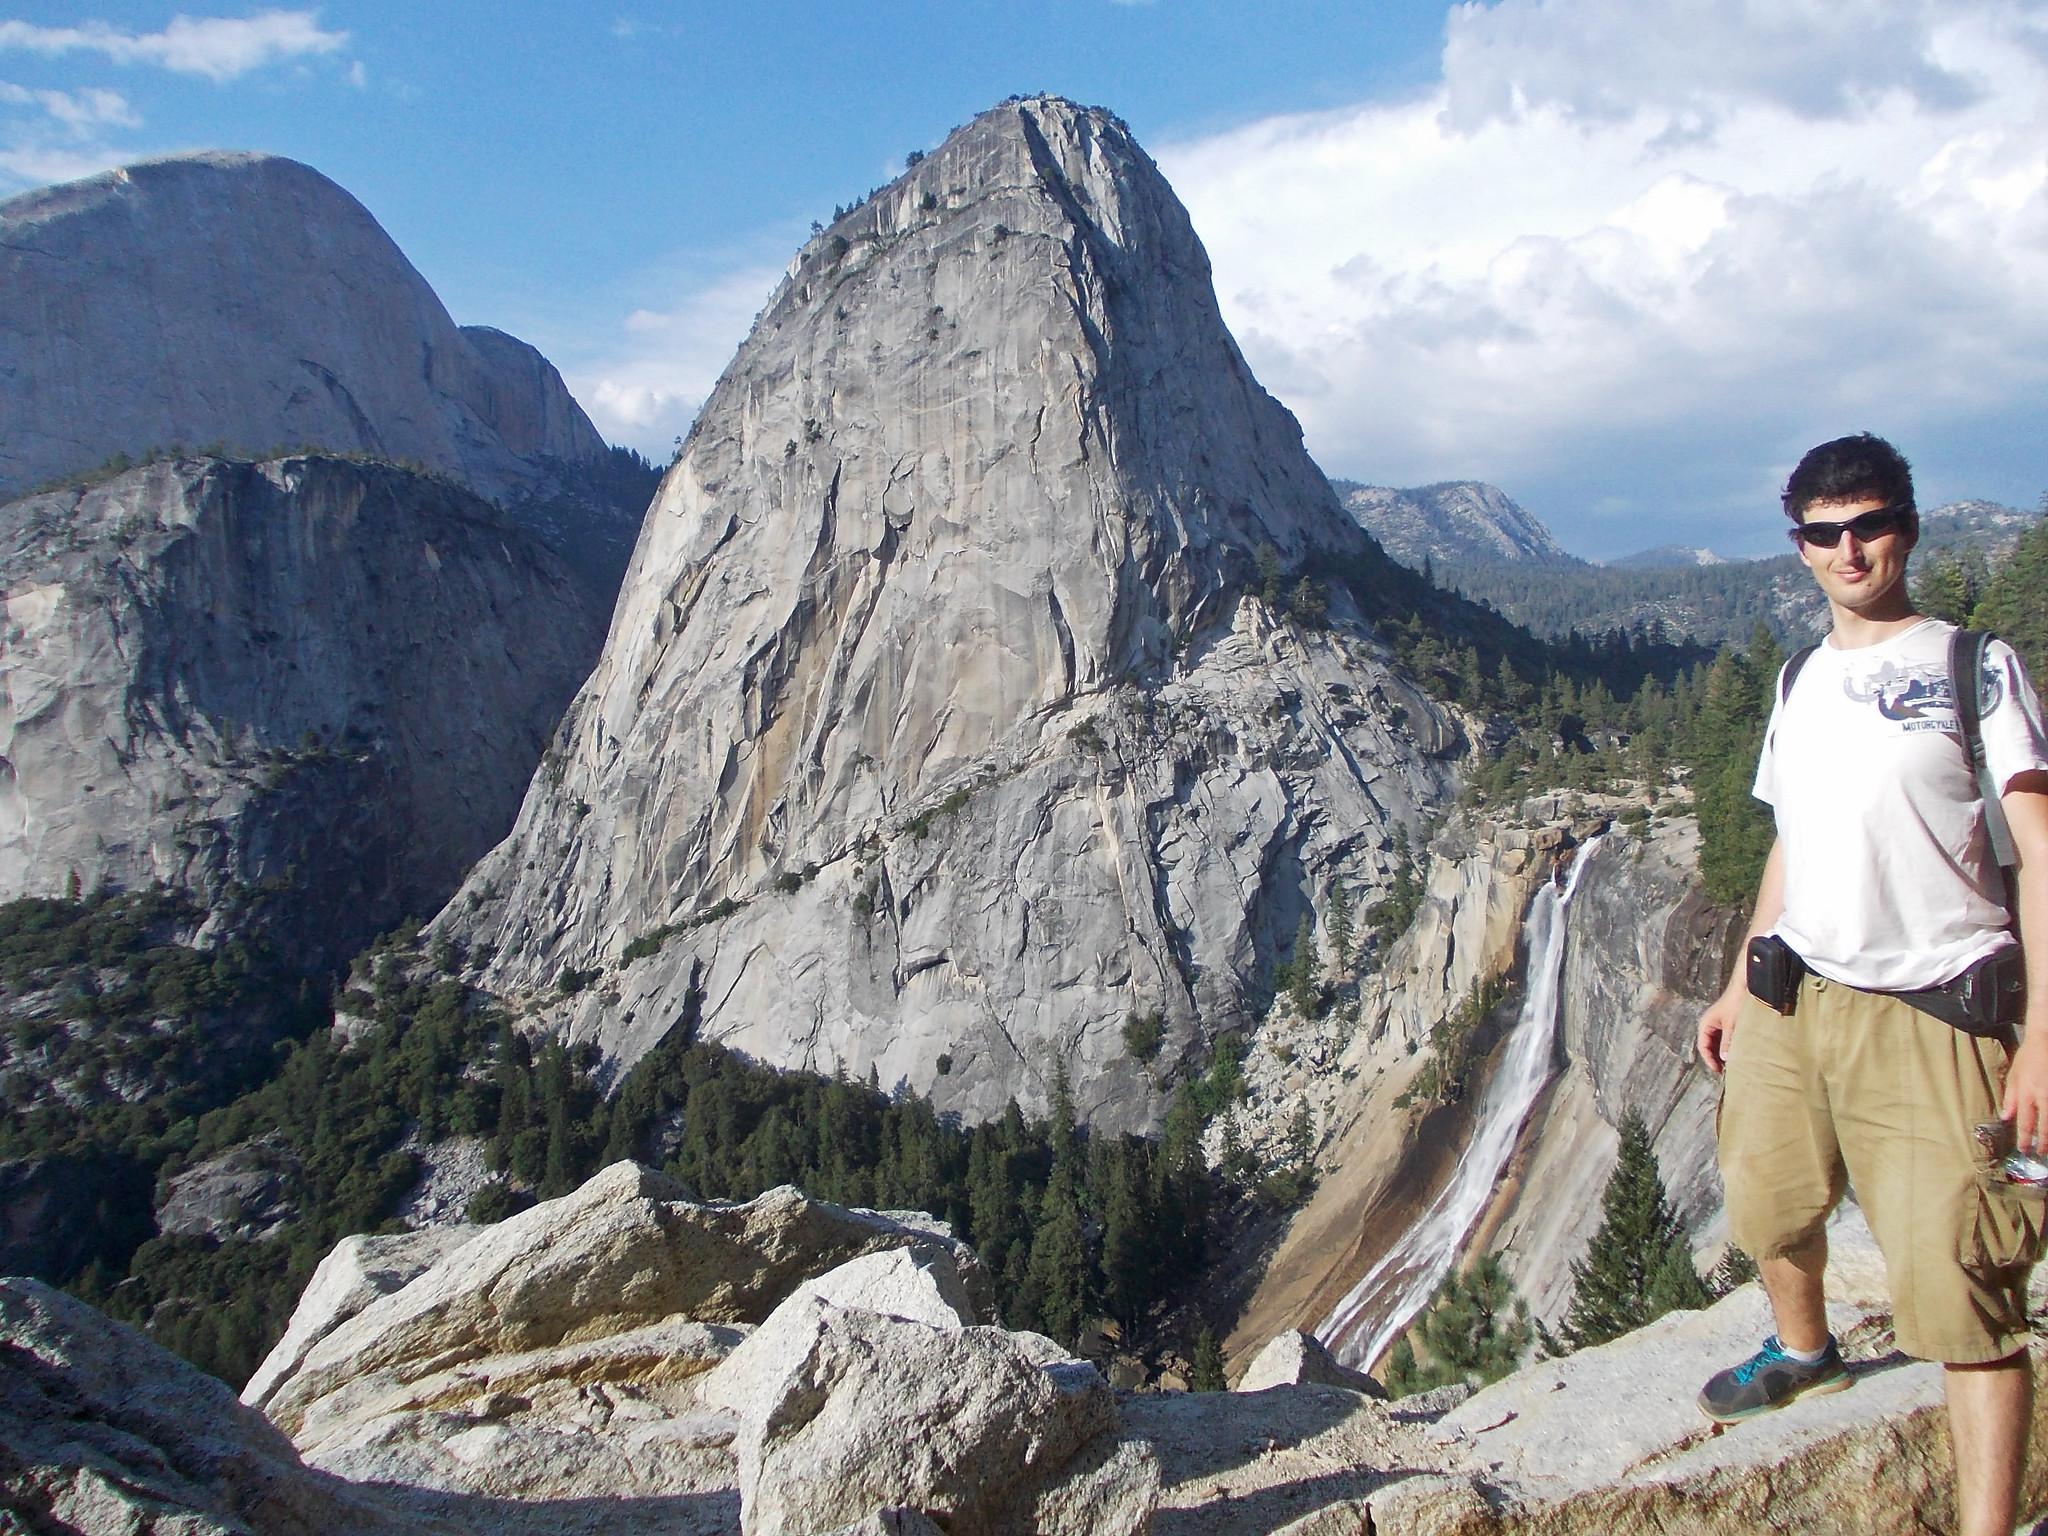 John Muir Trail, Yosemite National Park, CA, USA